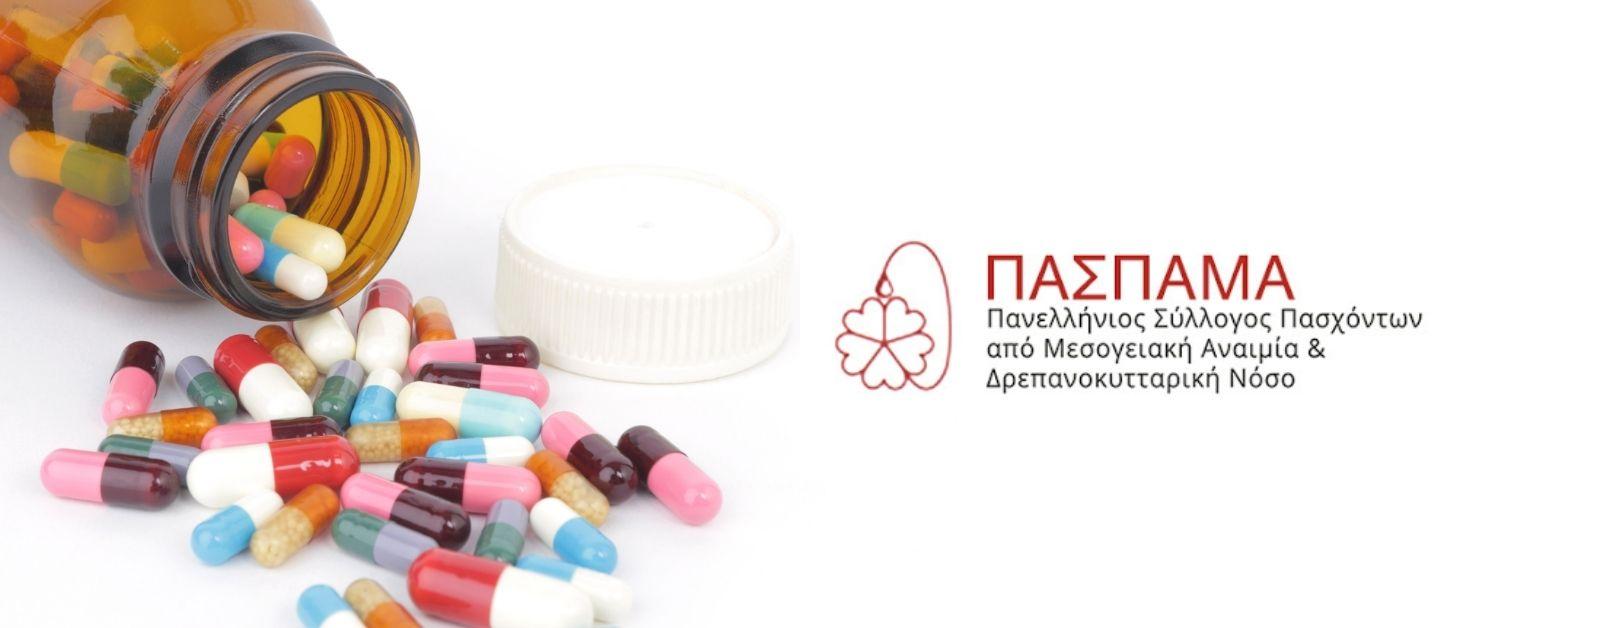 ΠΑΣΠΑΜΑ: «Κουρεύουν» θεραπείες σε ασθενείς με μεσογειακή αναιμία για λόγους κόστους